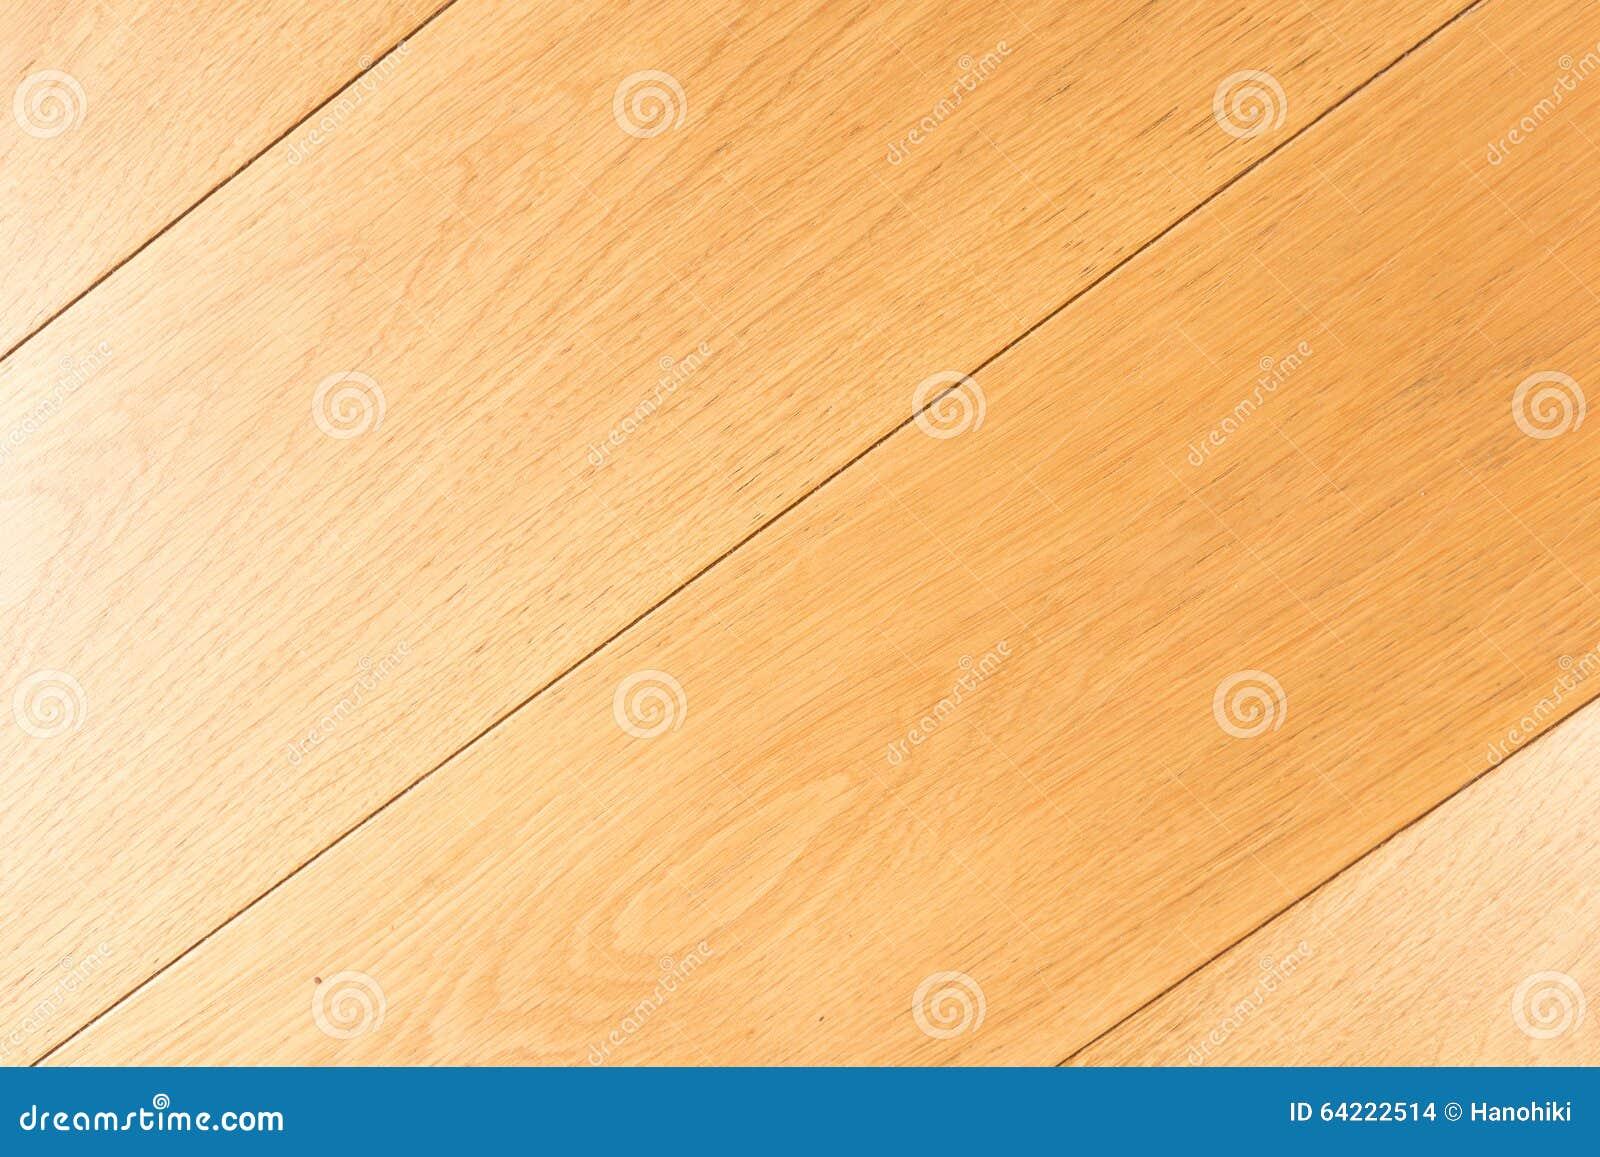 Holzfußboden Legen ~ Eichenholzfußboden parkettdetail legen sie den bodenbelag